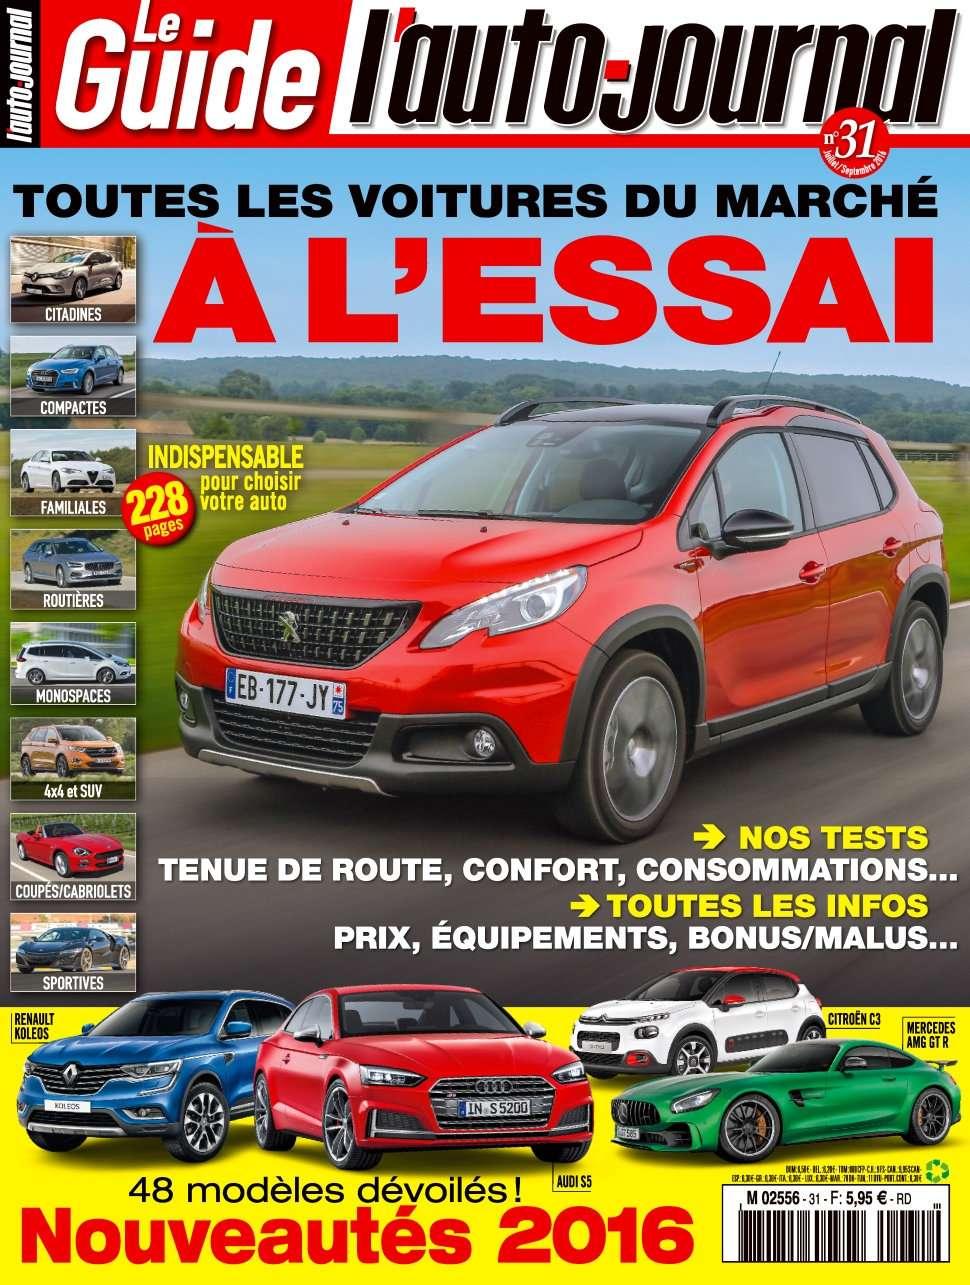 L'Auto-Journal (Le Guide) 31 - Aout/Septembre 2016